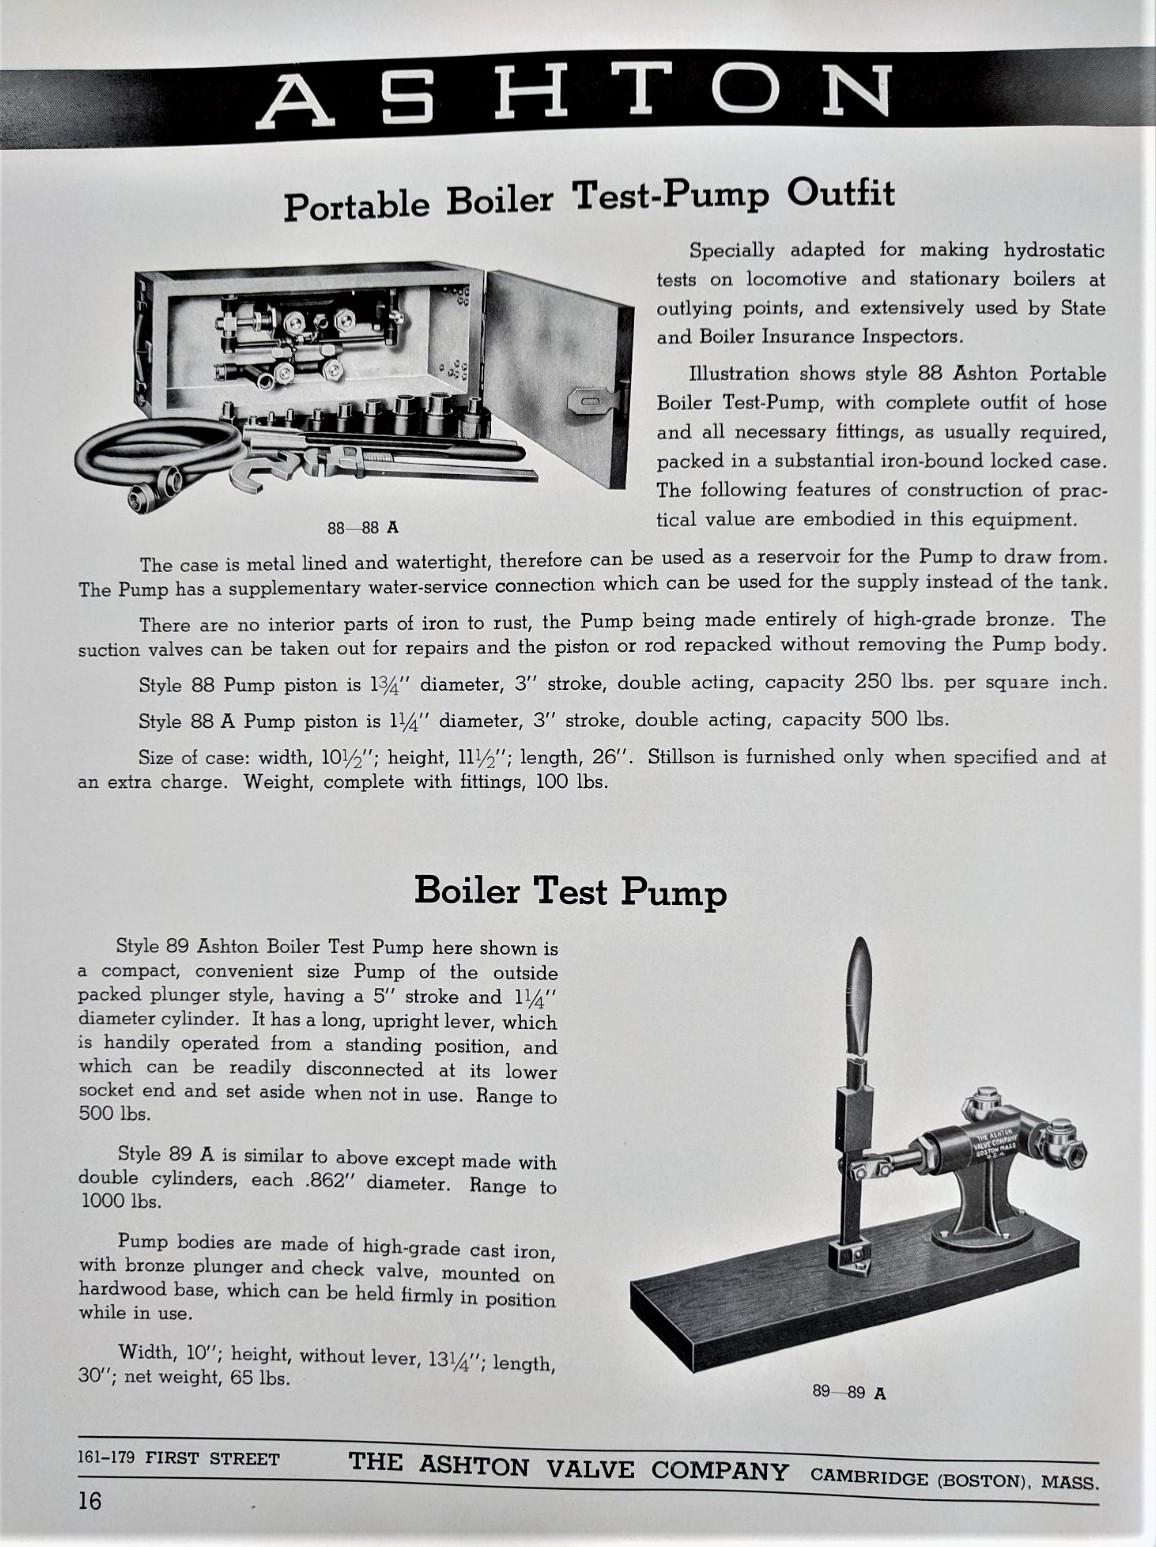 Ashton gage catalog 1941    16.jpg